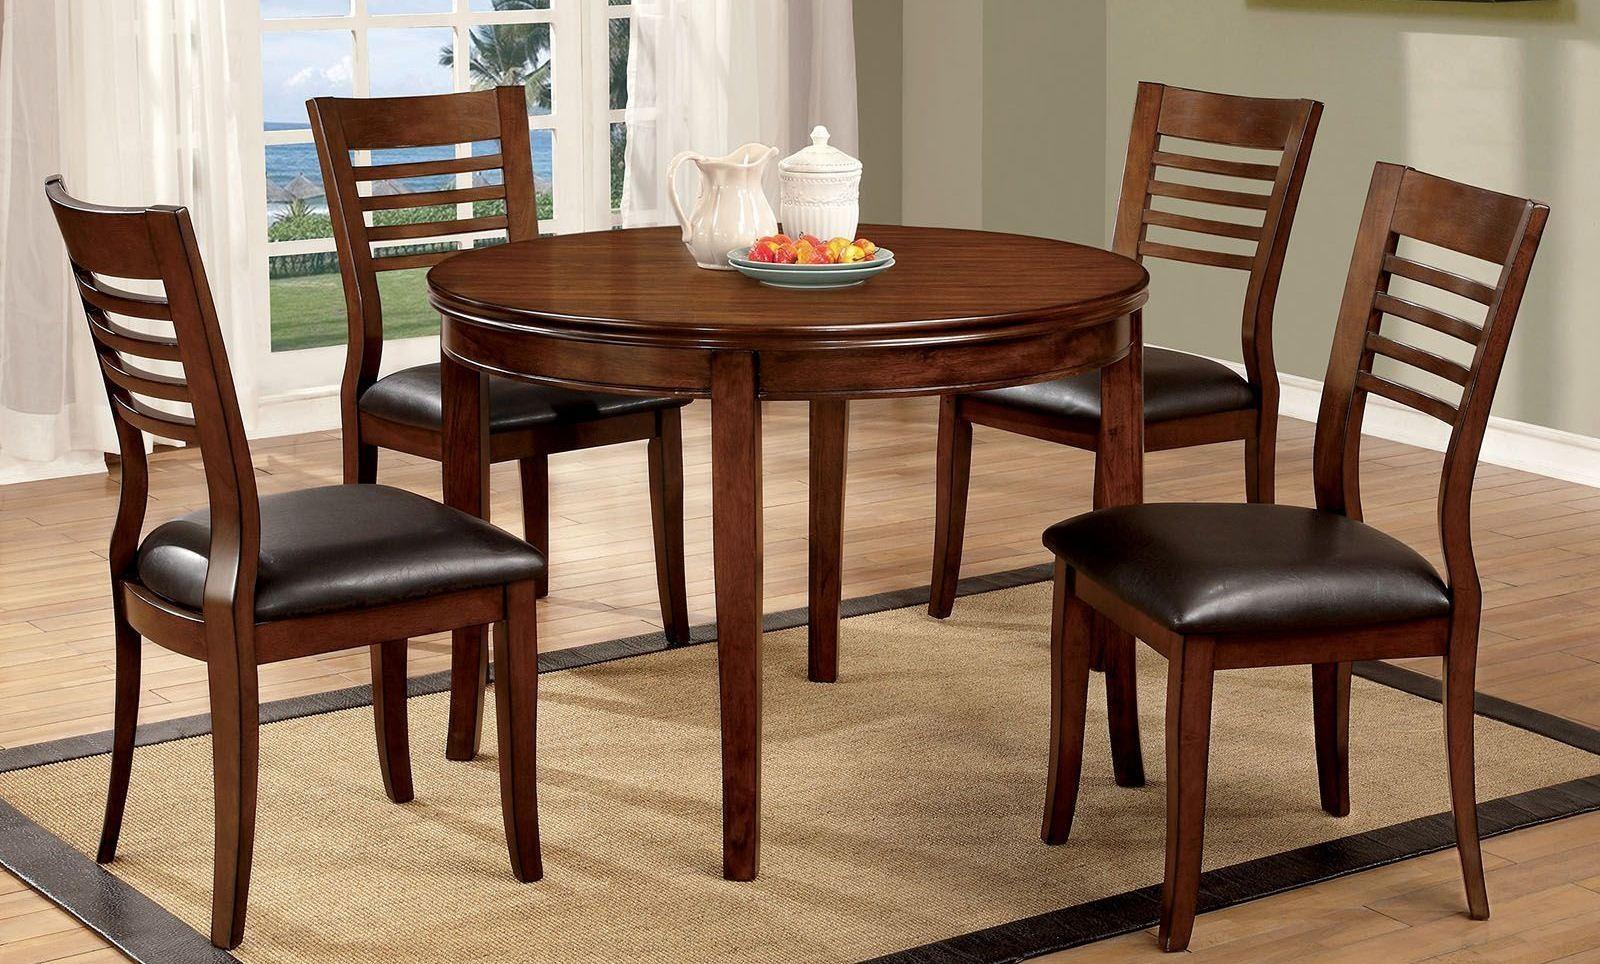 Dwight i medium oak round dining room set from furniture for Medium dining room ideas